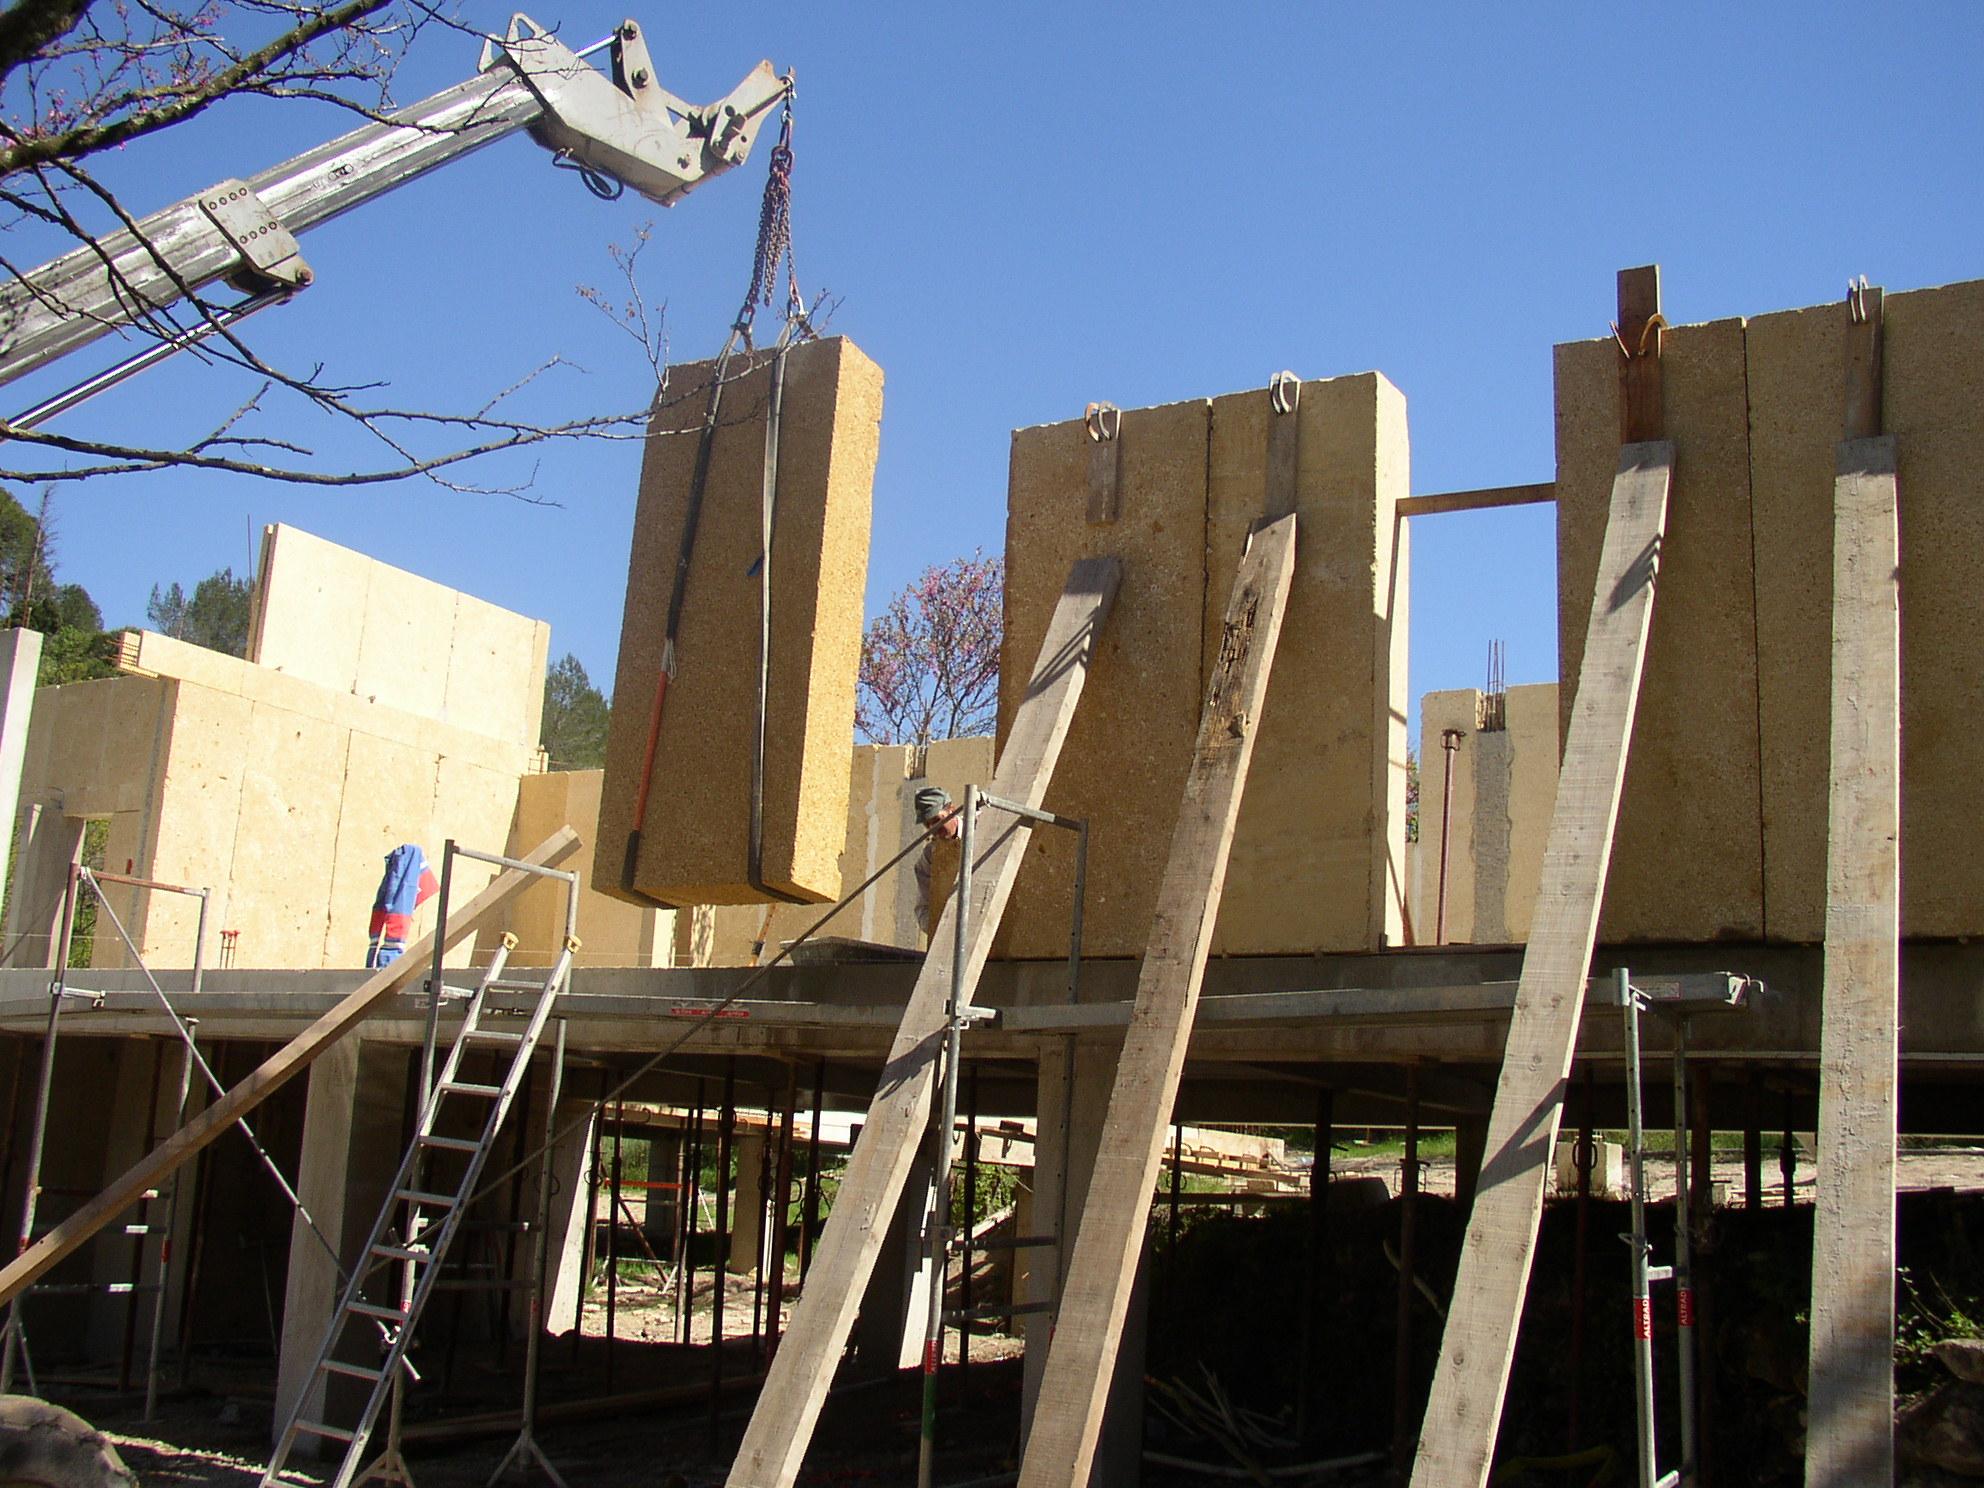 Desportes rénovation, Gard. Sommières maison en pierres massives. Pierres massives du Pont du Gard, 3 tonnes par élément.